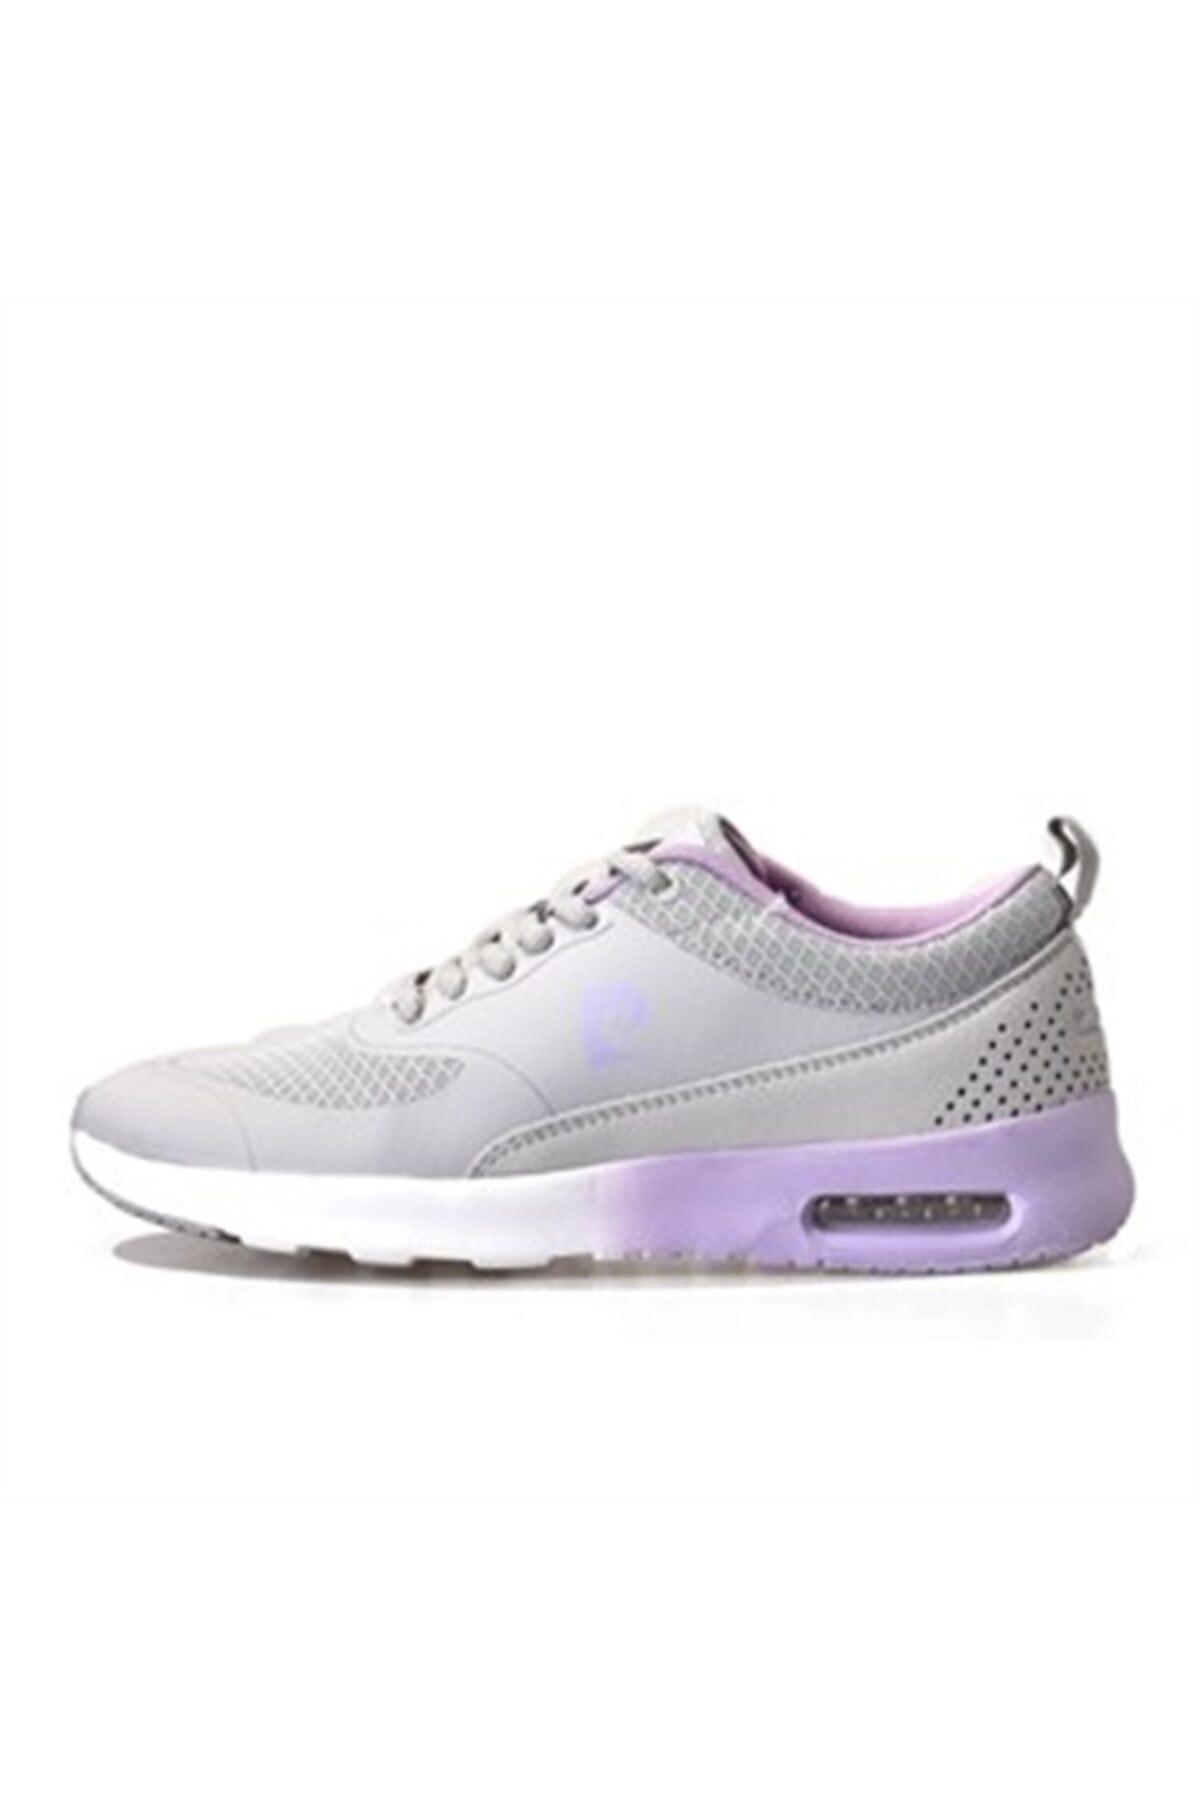 Pierre Cardin Kadın Gri Günlük Spor Ayakkabı 81778- 1